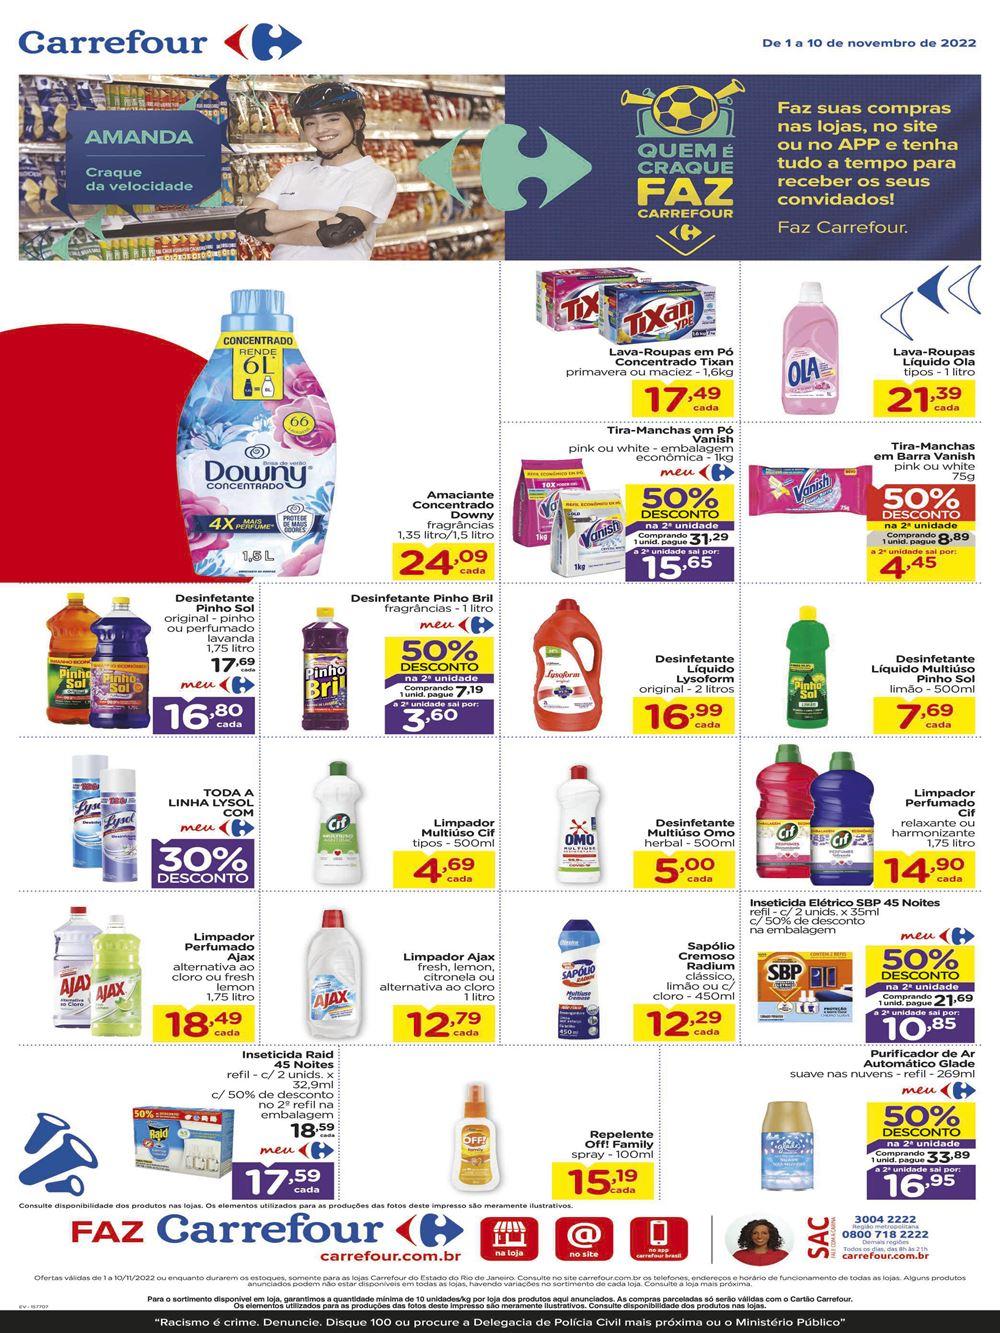 carrefour-ofertas-descontos-hoje13-25 Black Friday Ofertas do Carrefour